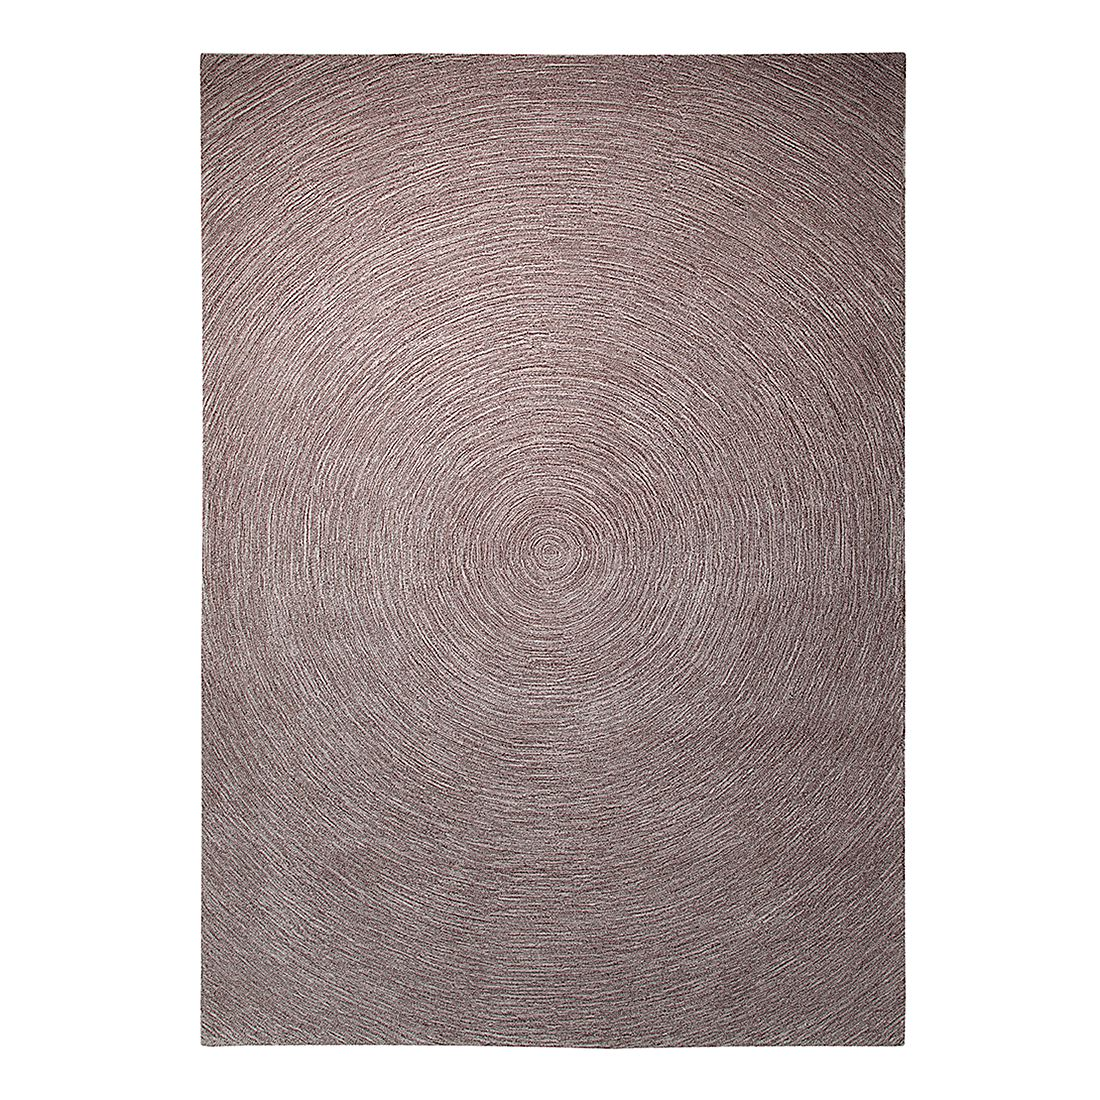 Teppich Colour in Motion – Sand – 200 cm x 300 cm, Esprit Home günstig online kaufen